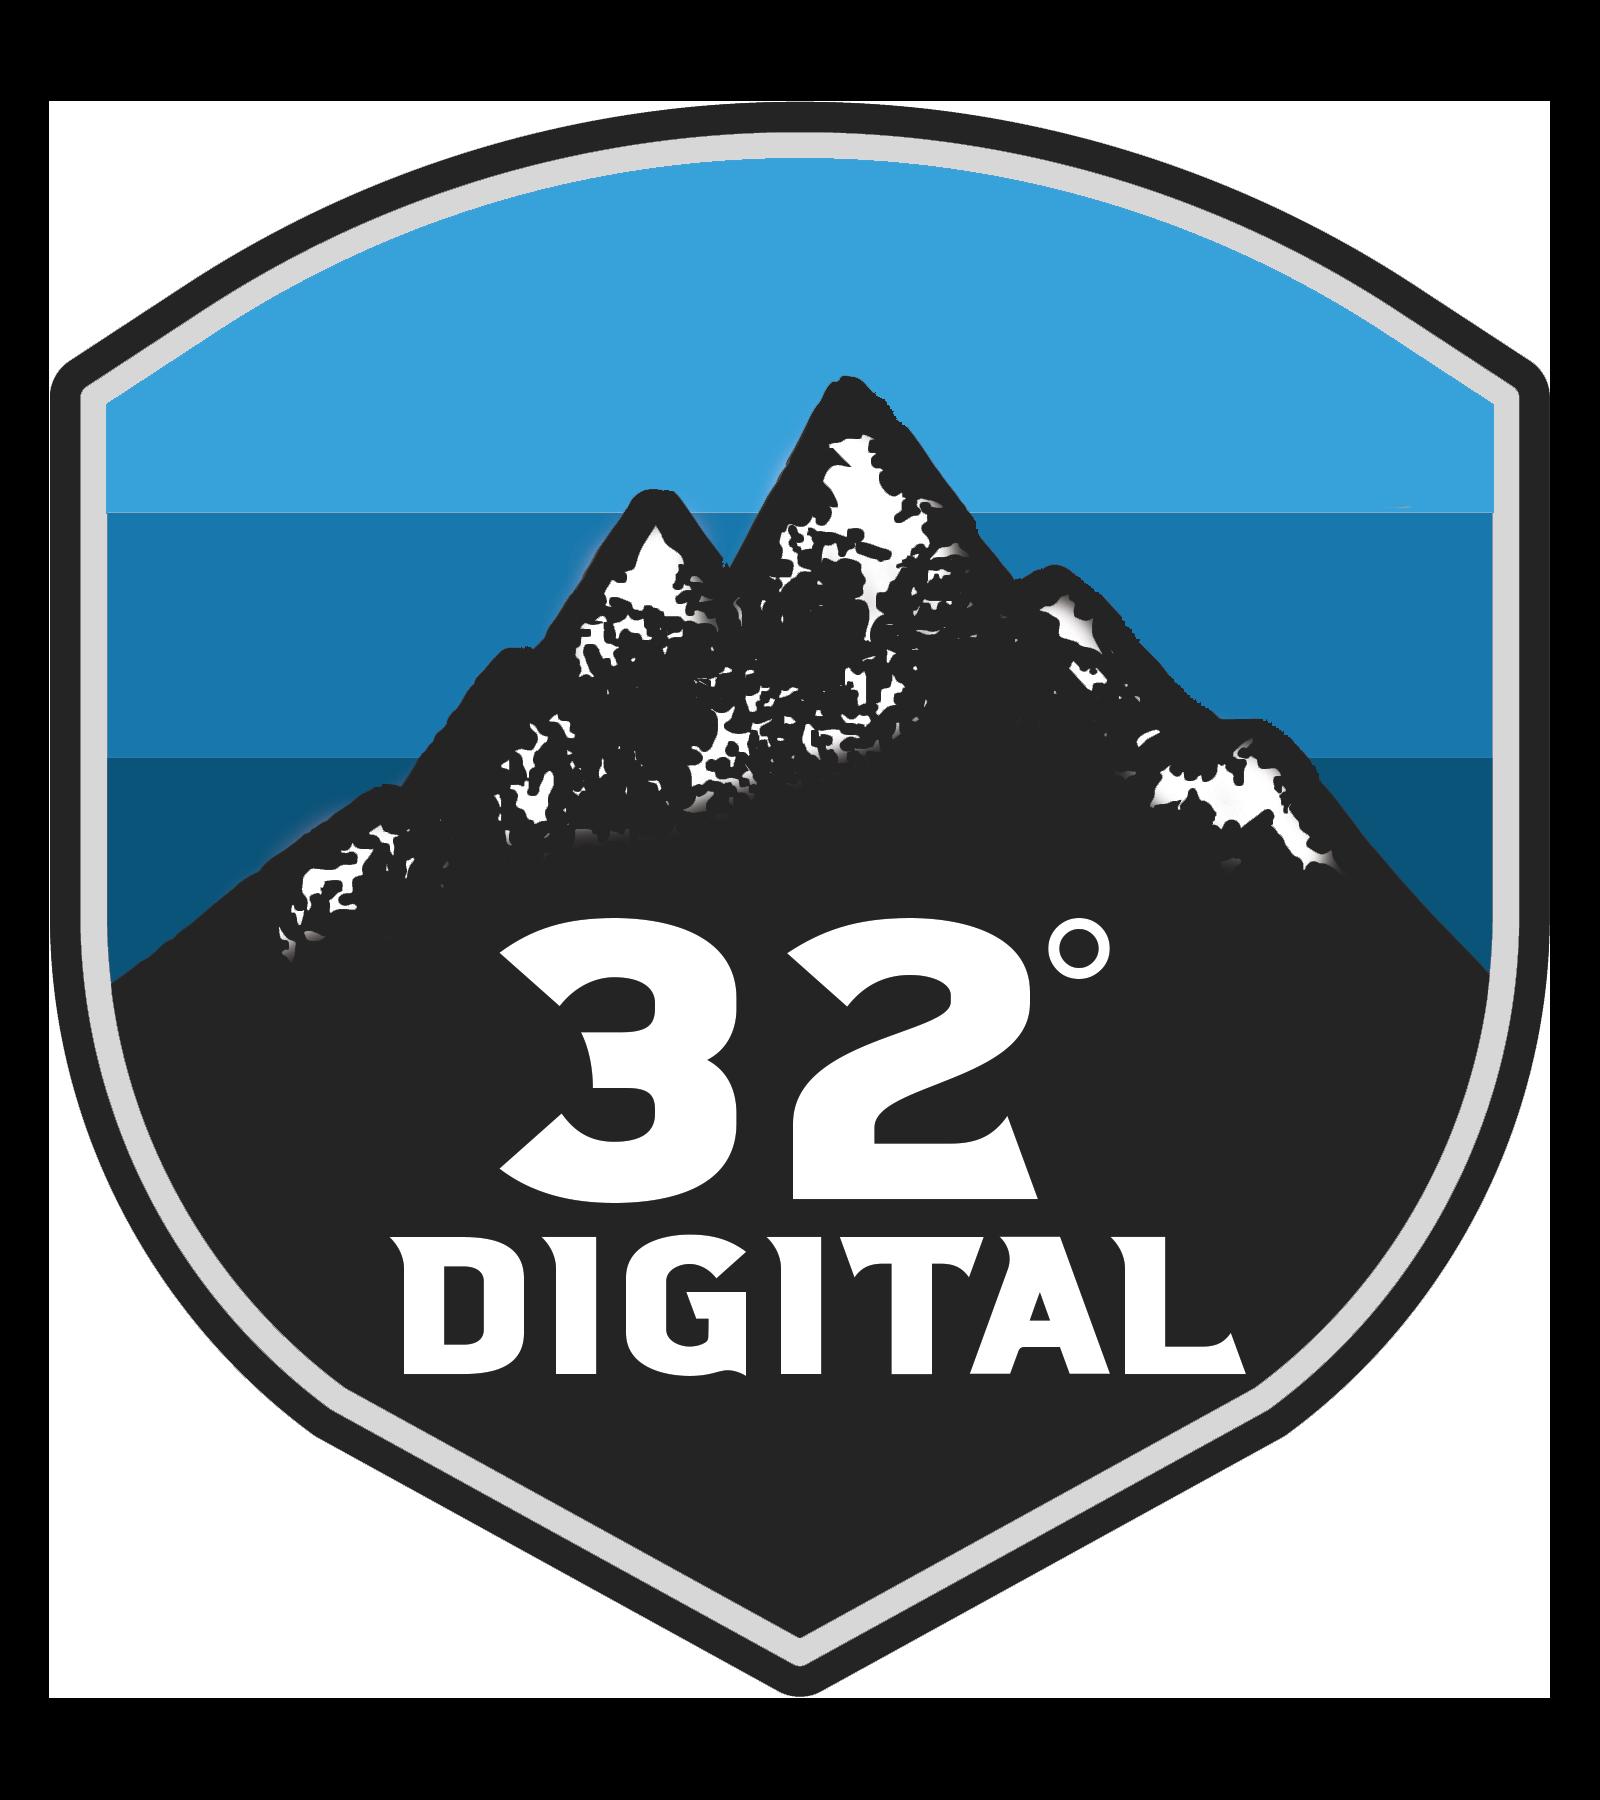 32° digital